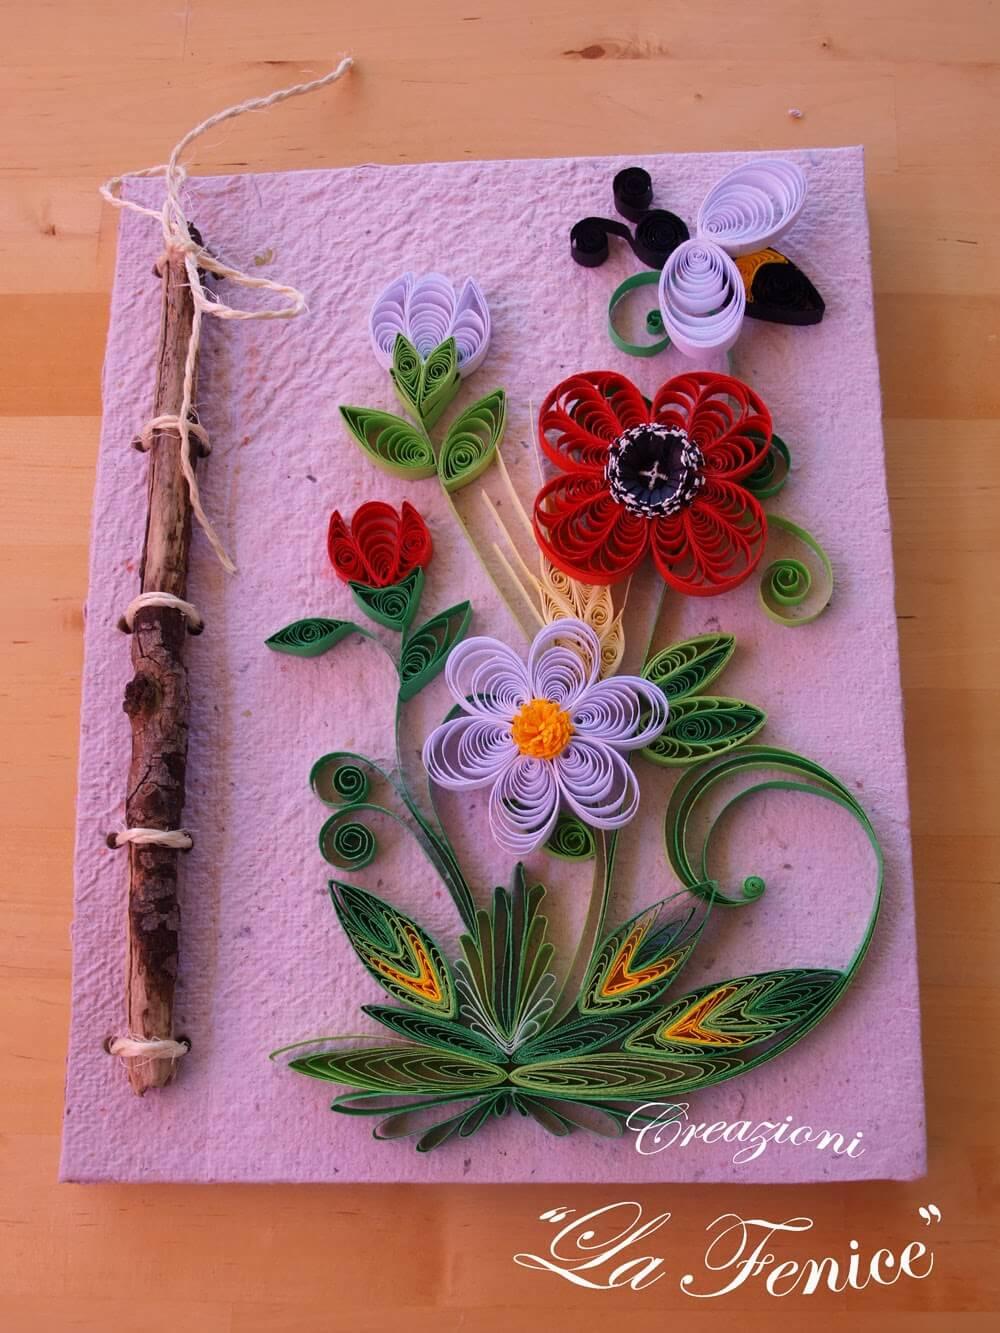 Realizzazione in carta riciclata con decorazioni a quilling